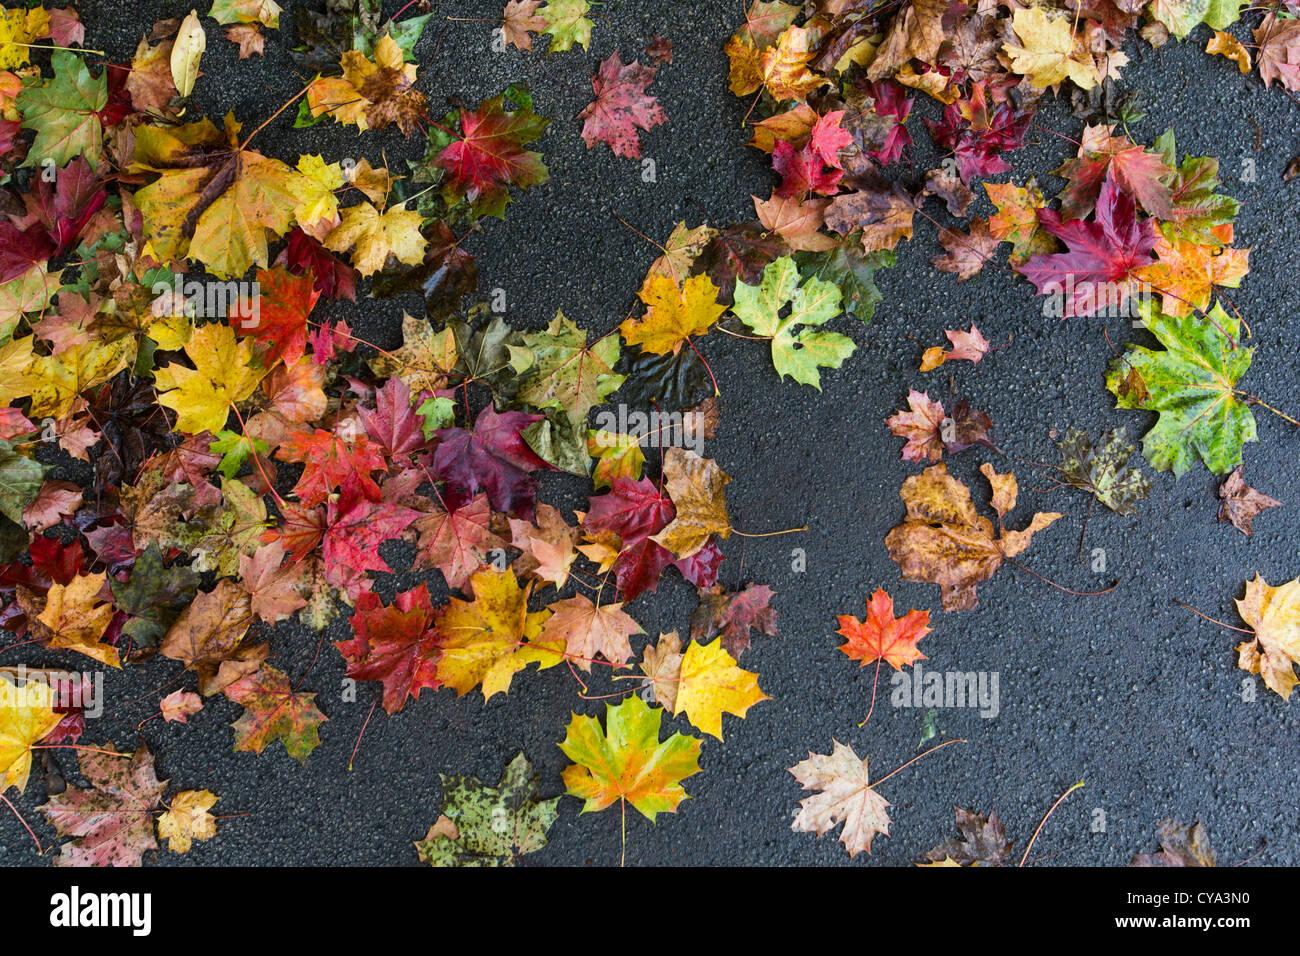 Nasses Herbstlaub liegend auf einem asphaltierten Weg in Birmingham, UK Stockbild